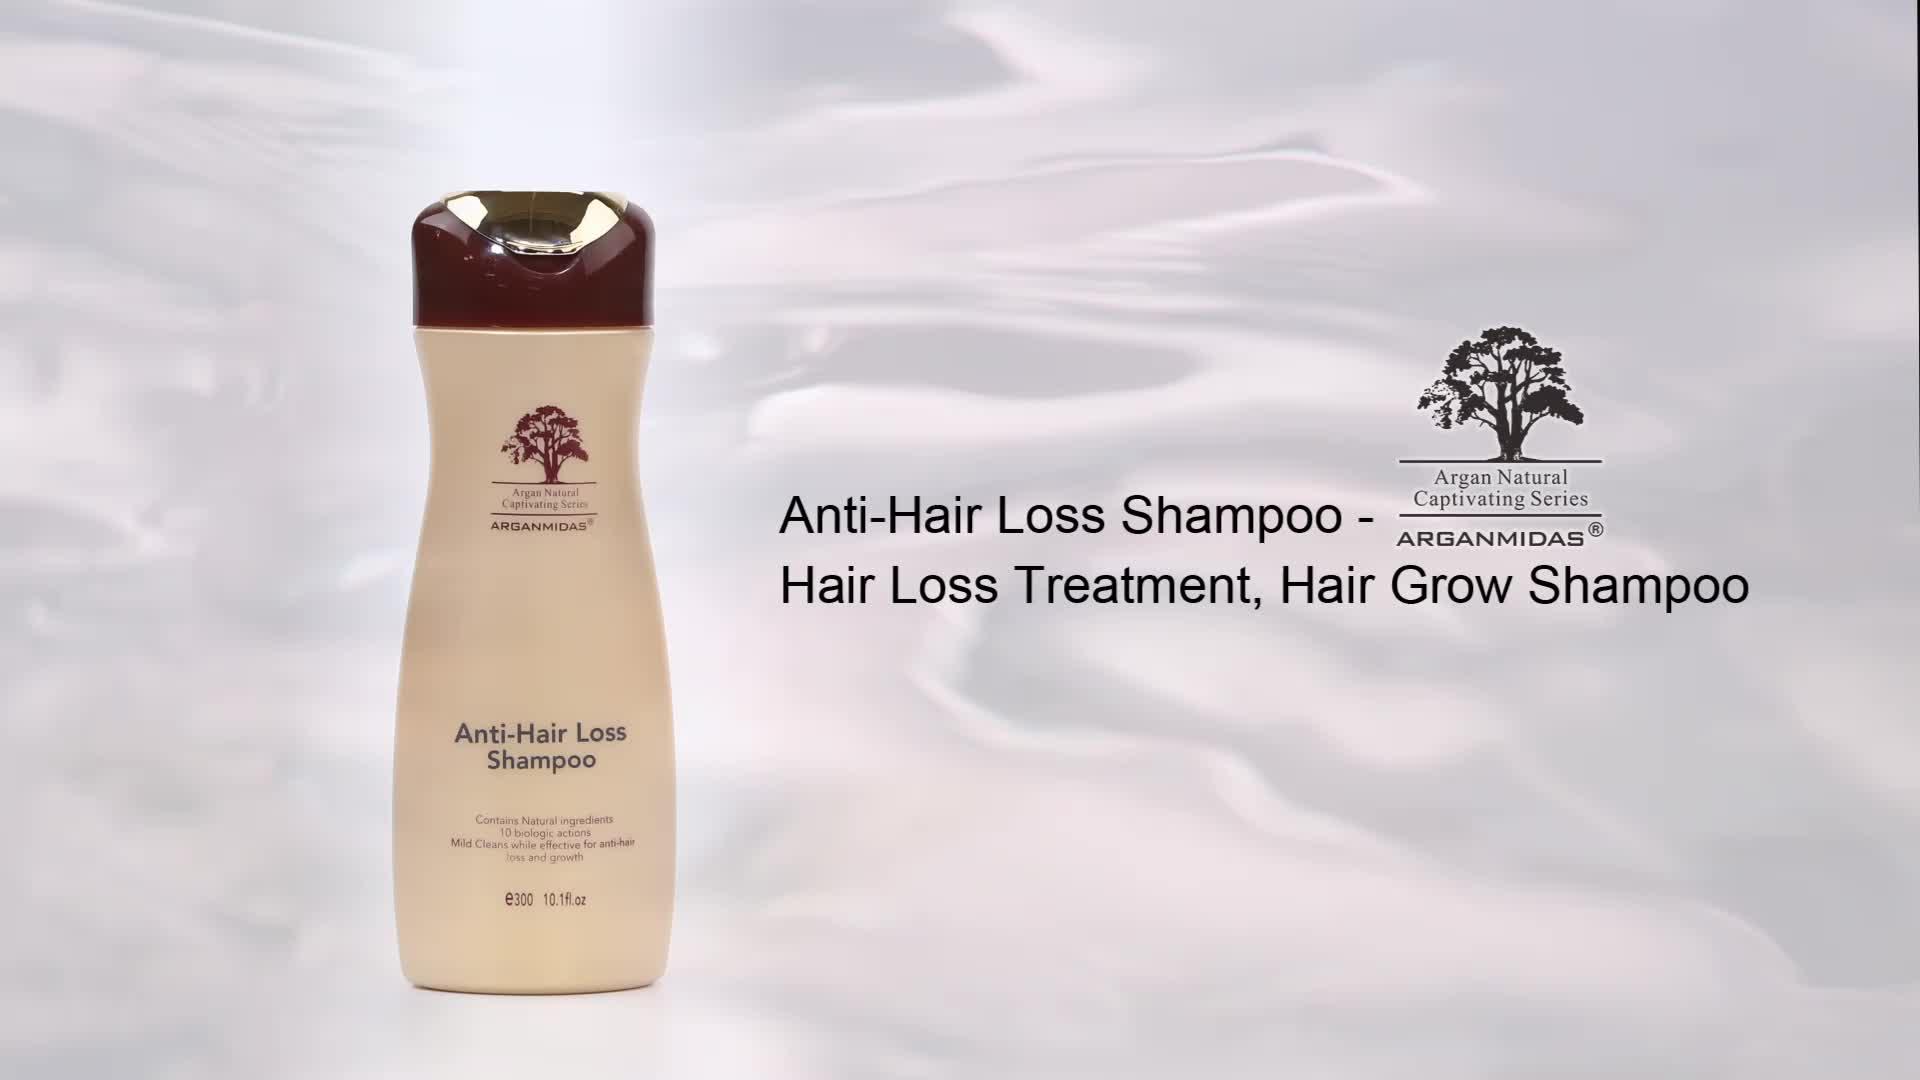 最高の抗脱毛製品育毛トリートメントシャンプー男性の抗脱毛シャンプー